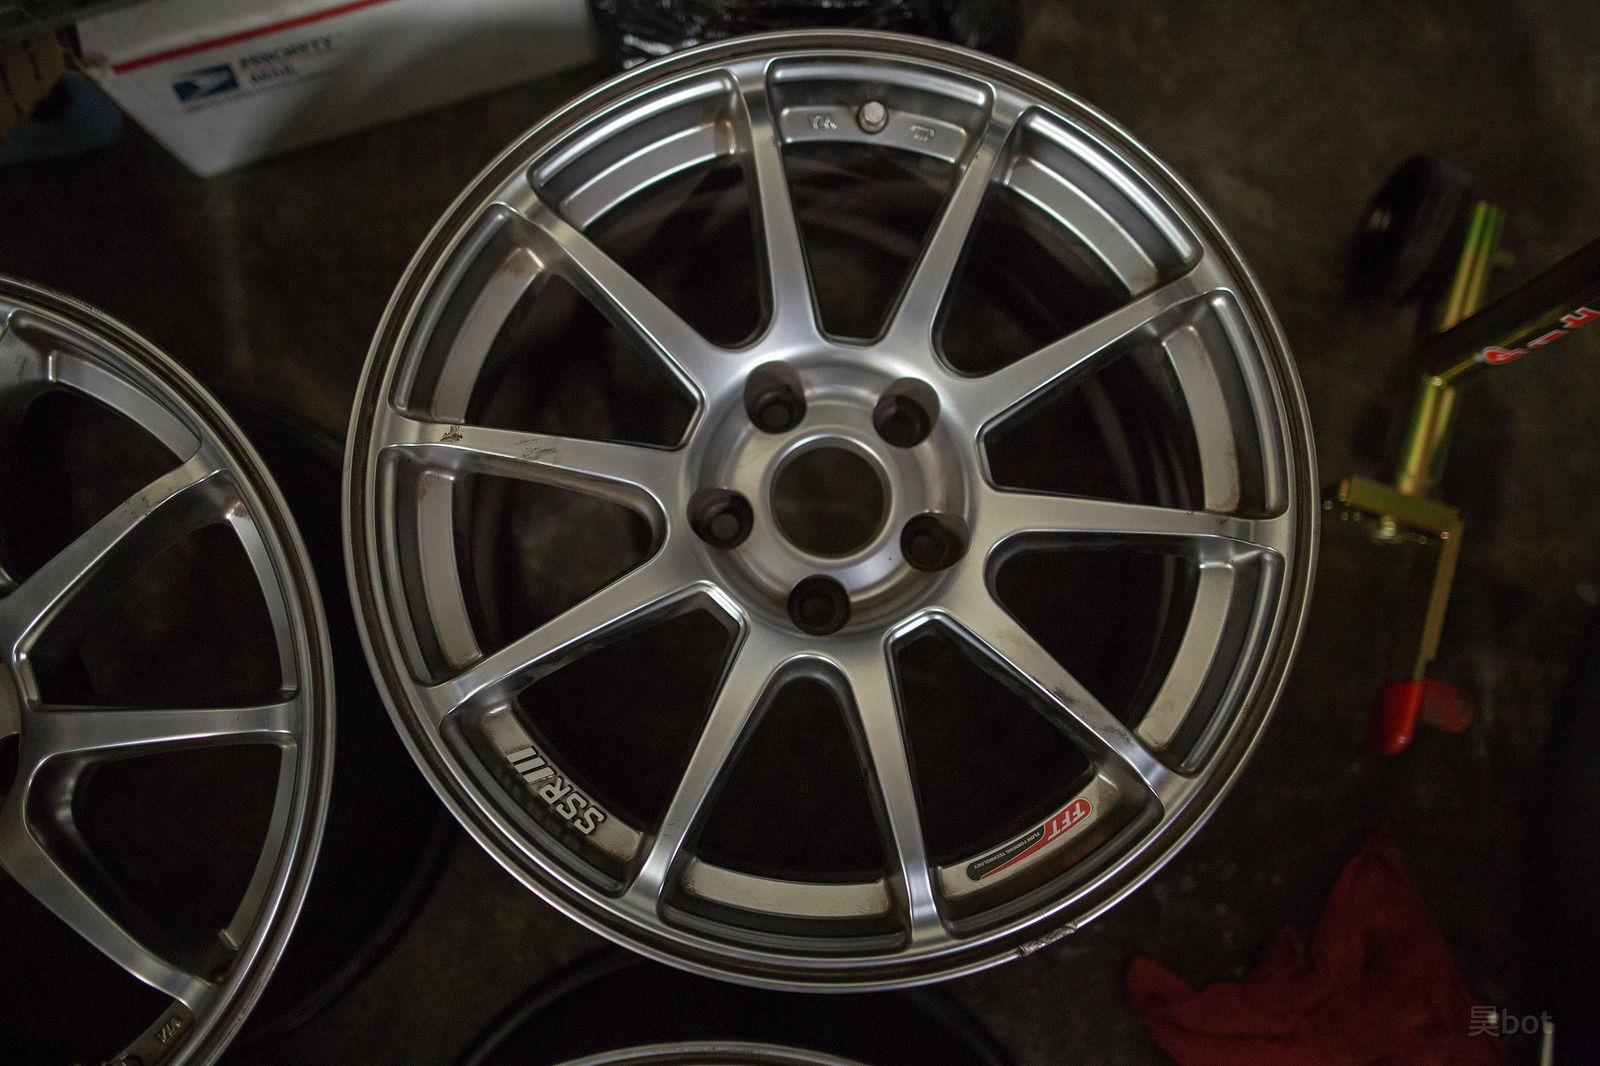 FS: SSR GTV02 silver 17x9 45mm offset 80-31343063570_e60c32ff0b_h_70353dd7728dfe8d62e69d7eee6cc2da2fb46f54